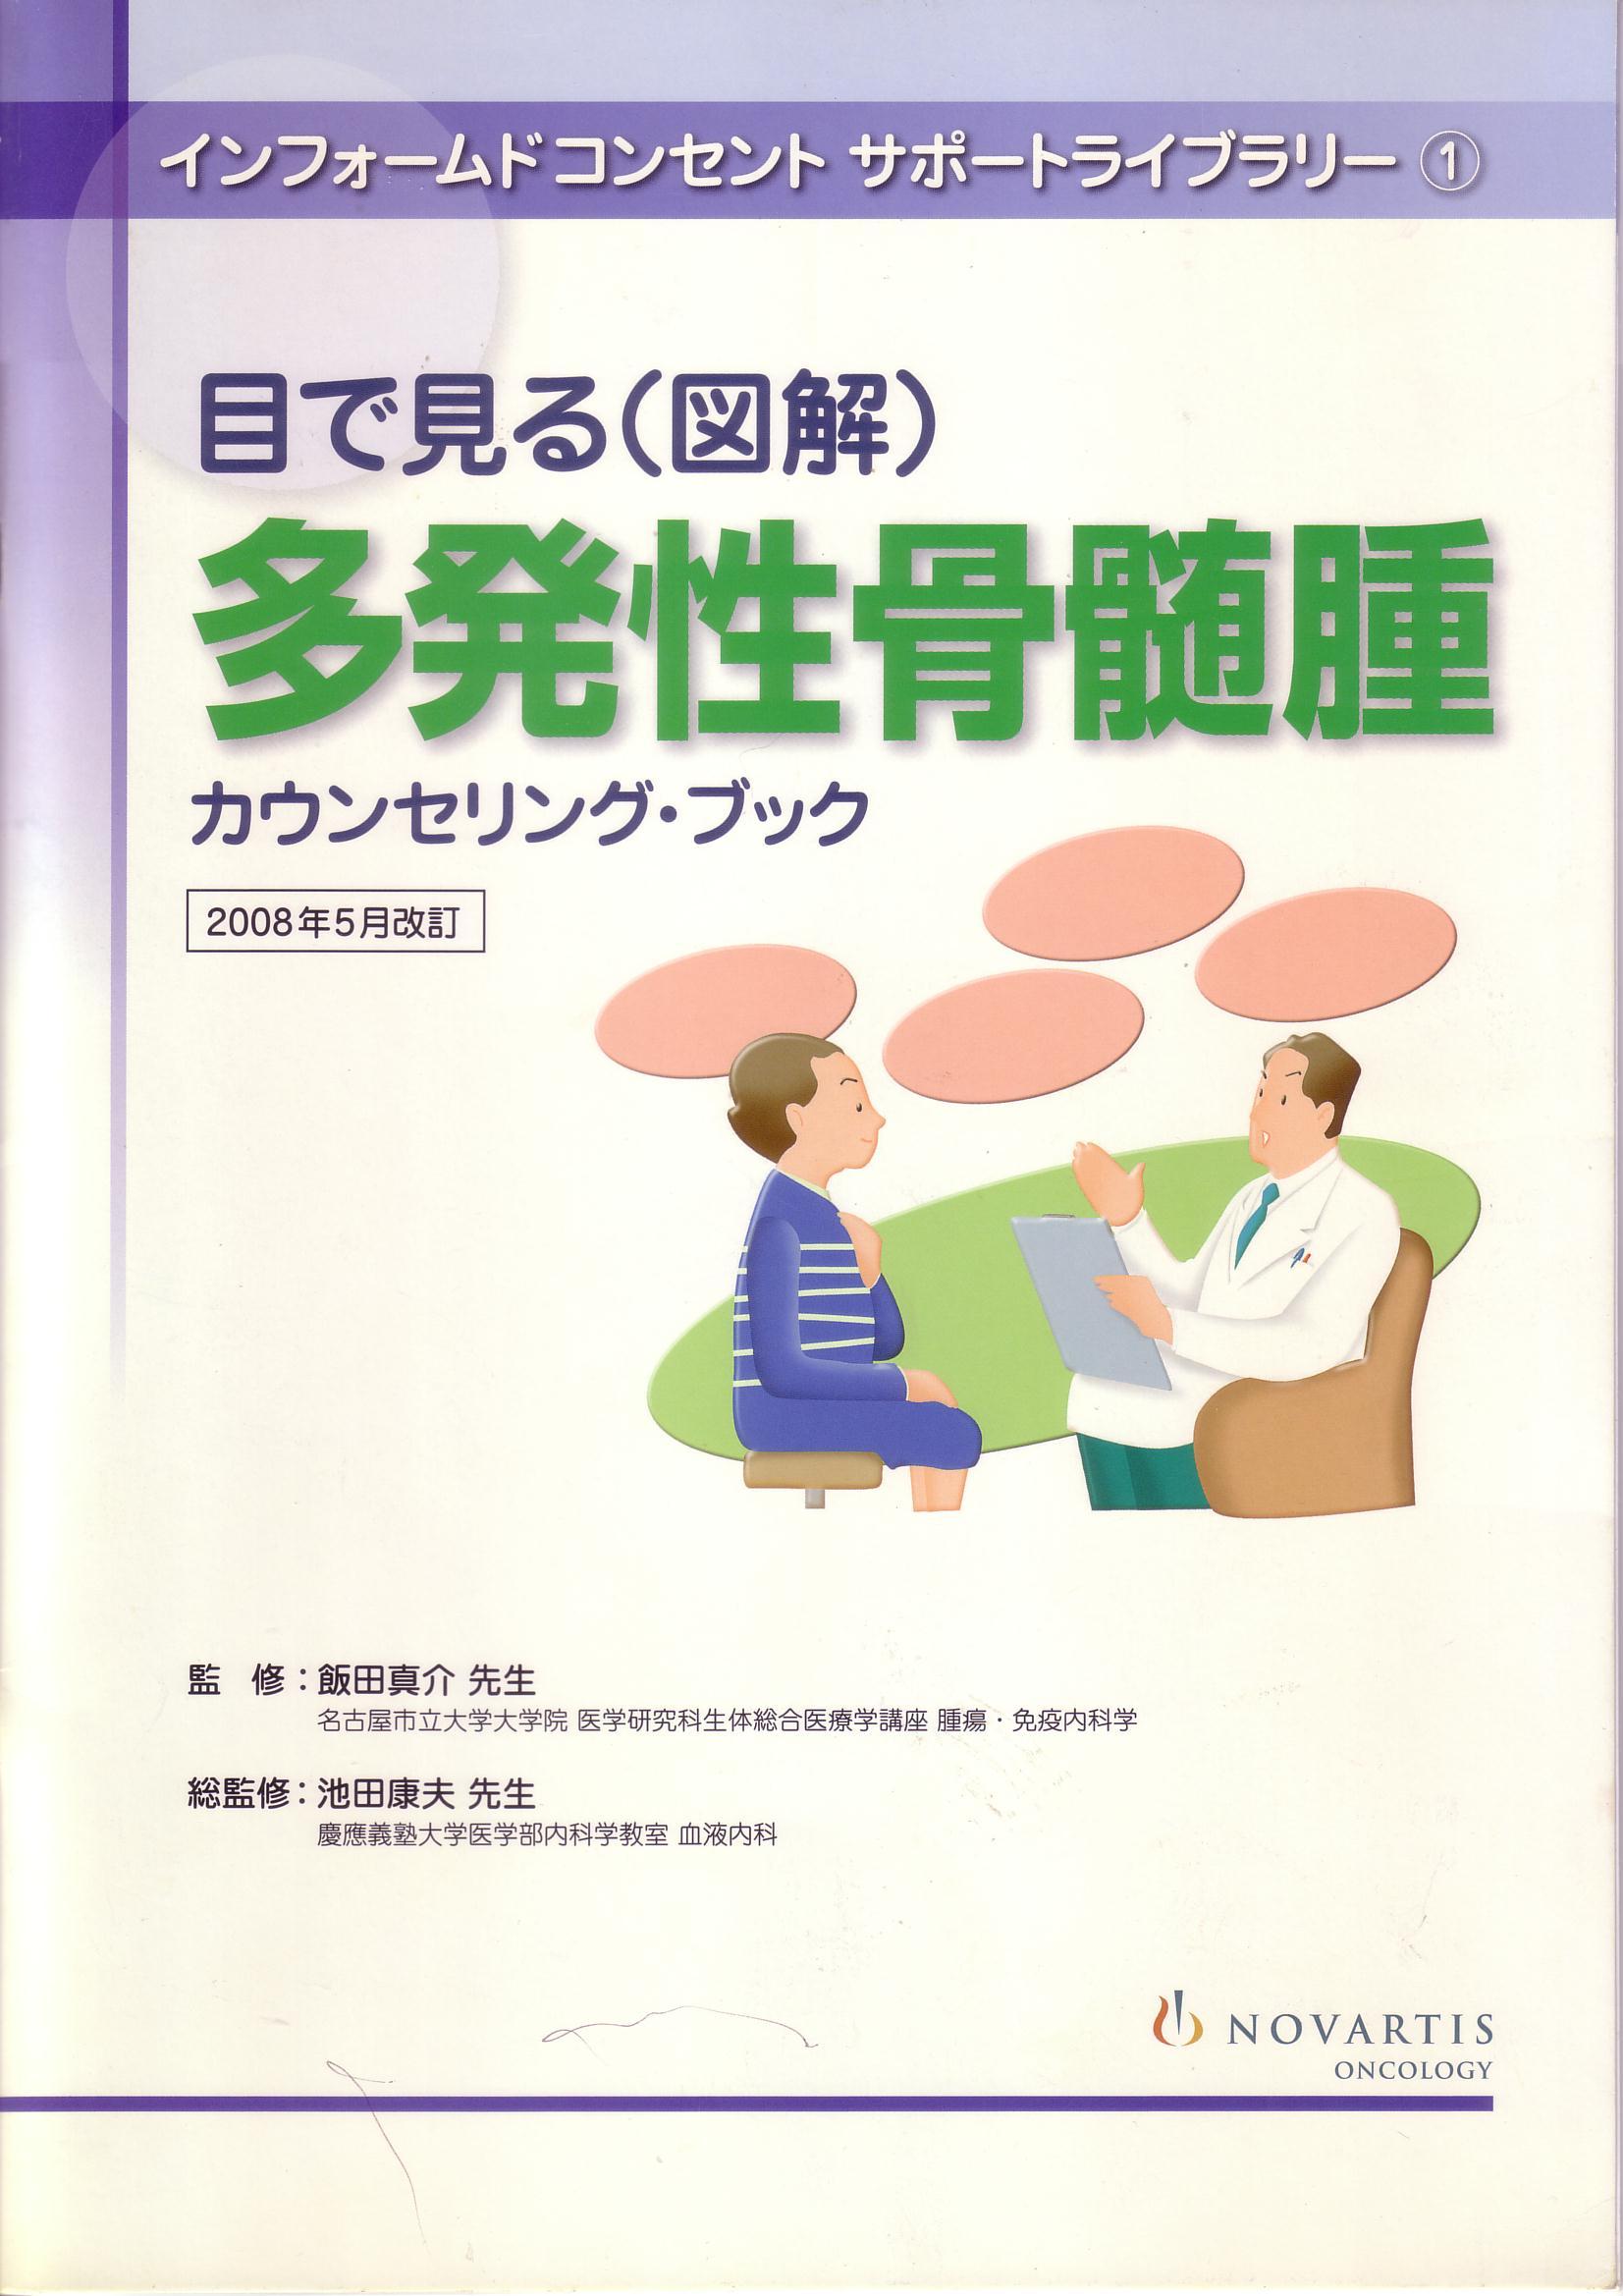 骨髄腫 (こつずいしゅ) - Japanese-English Dictionary - JapaneseClass.jp